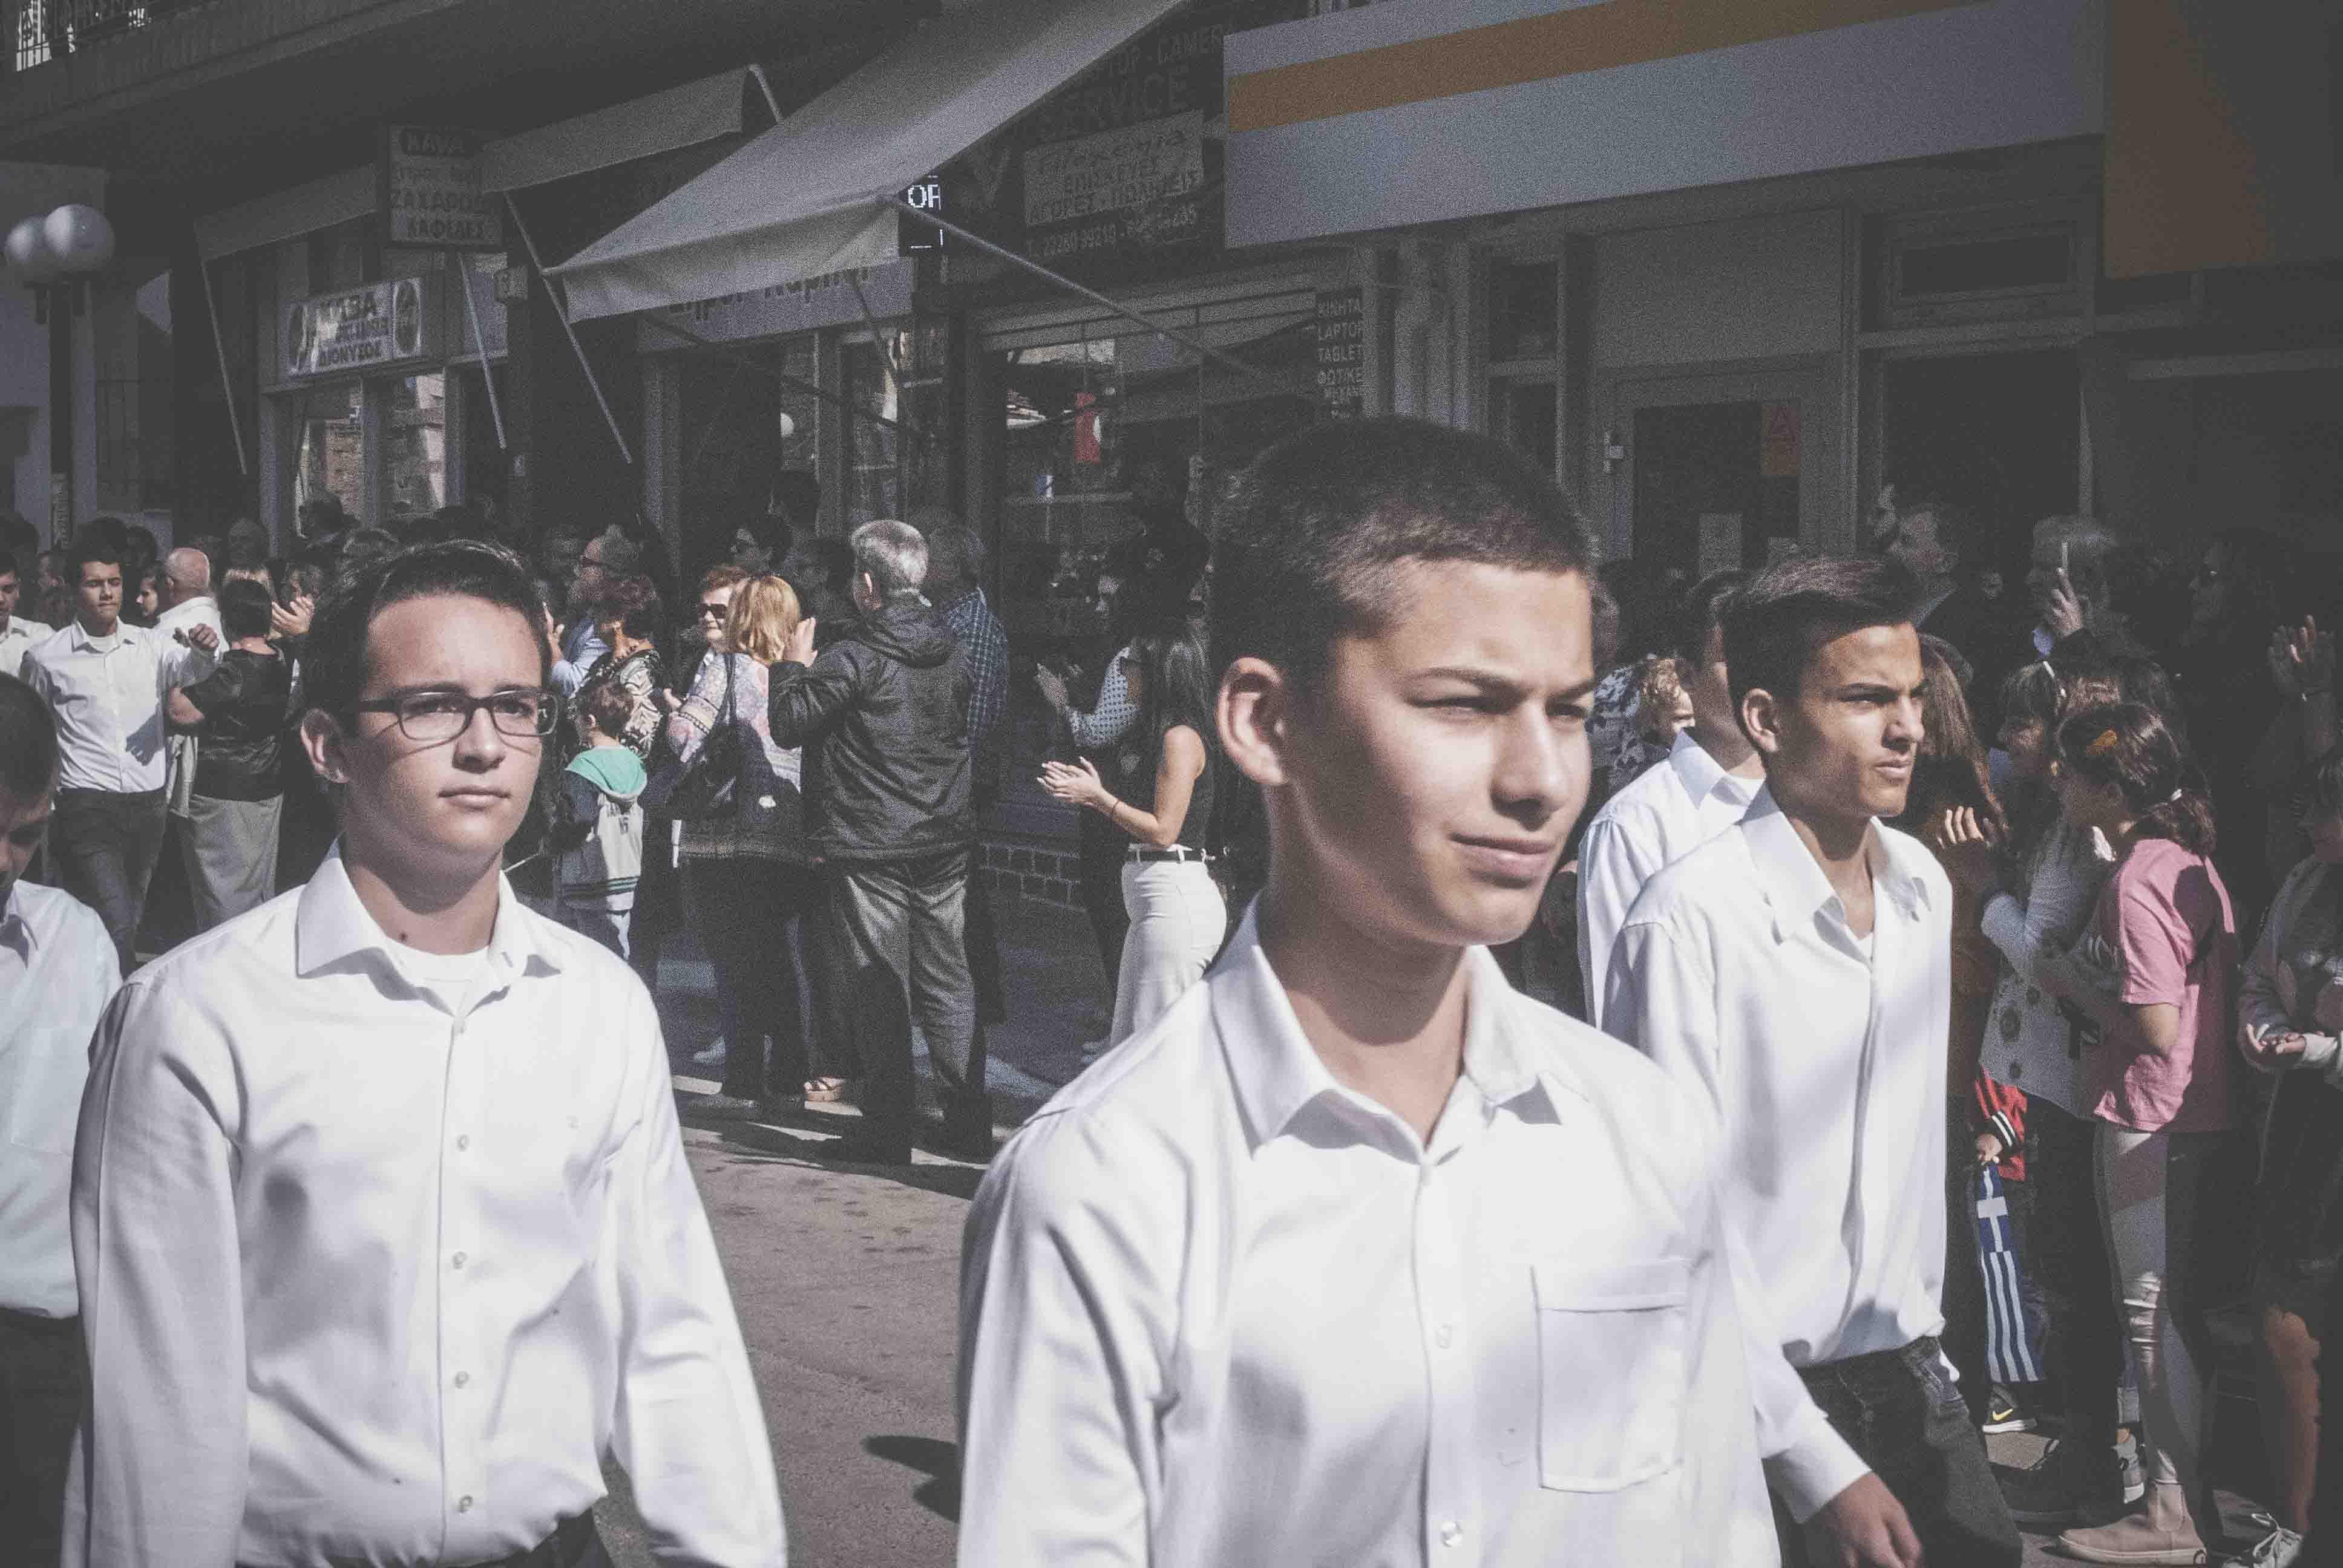 Φωτογραφικό υλικό από την παρέλαση στα Ψαχνά DSC 0429  Η παρέλαση της 28ης Οκτωβρίου σε Καστέλλα και Ψαχνά (φωτό) DSC 0429